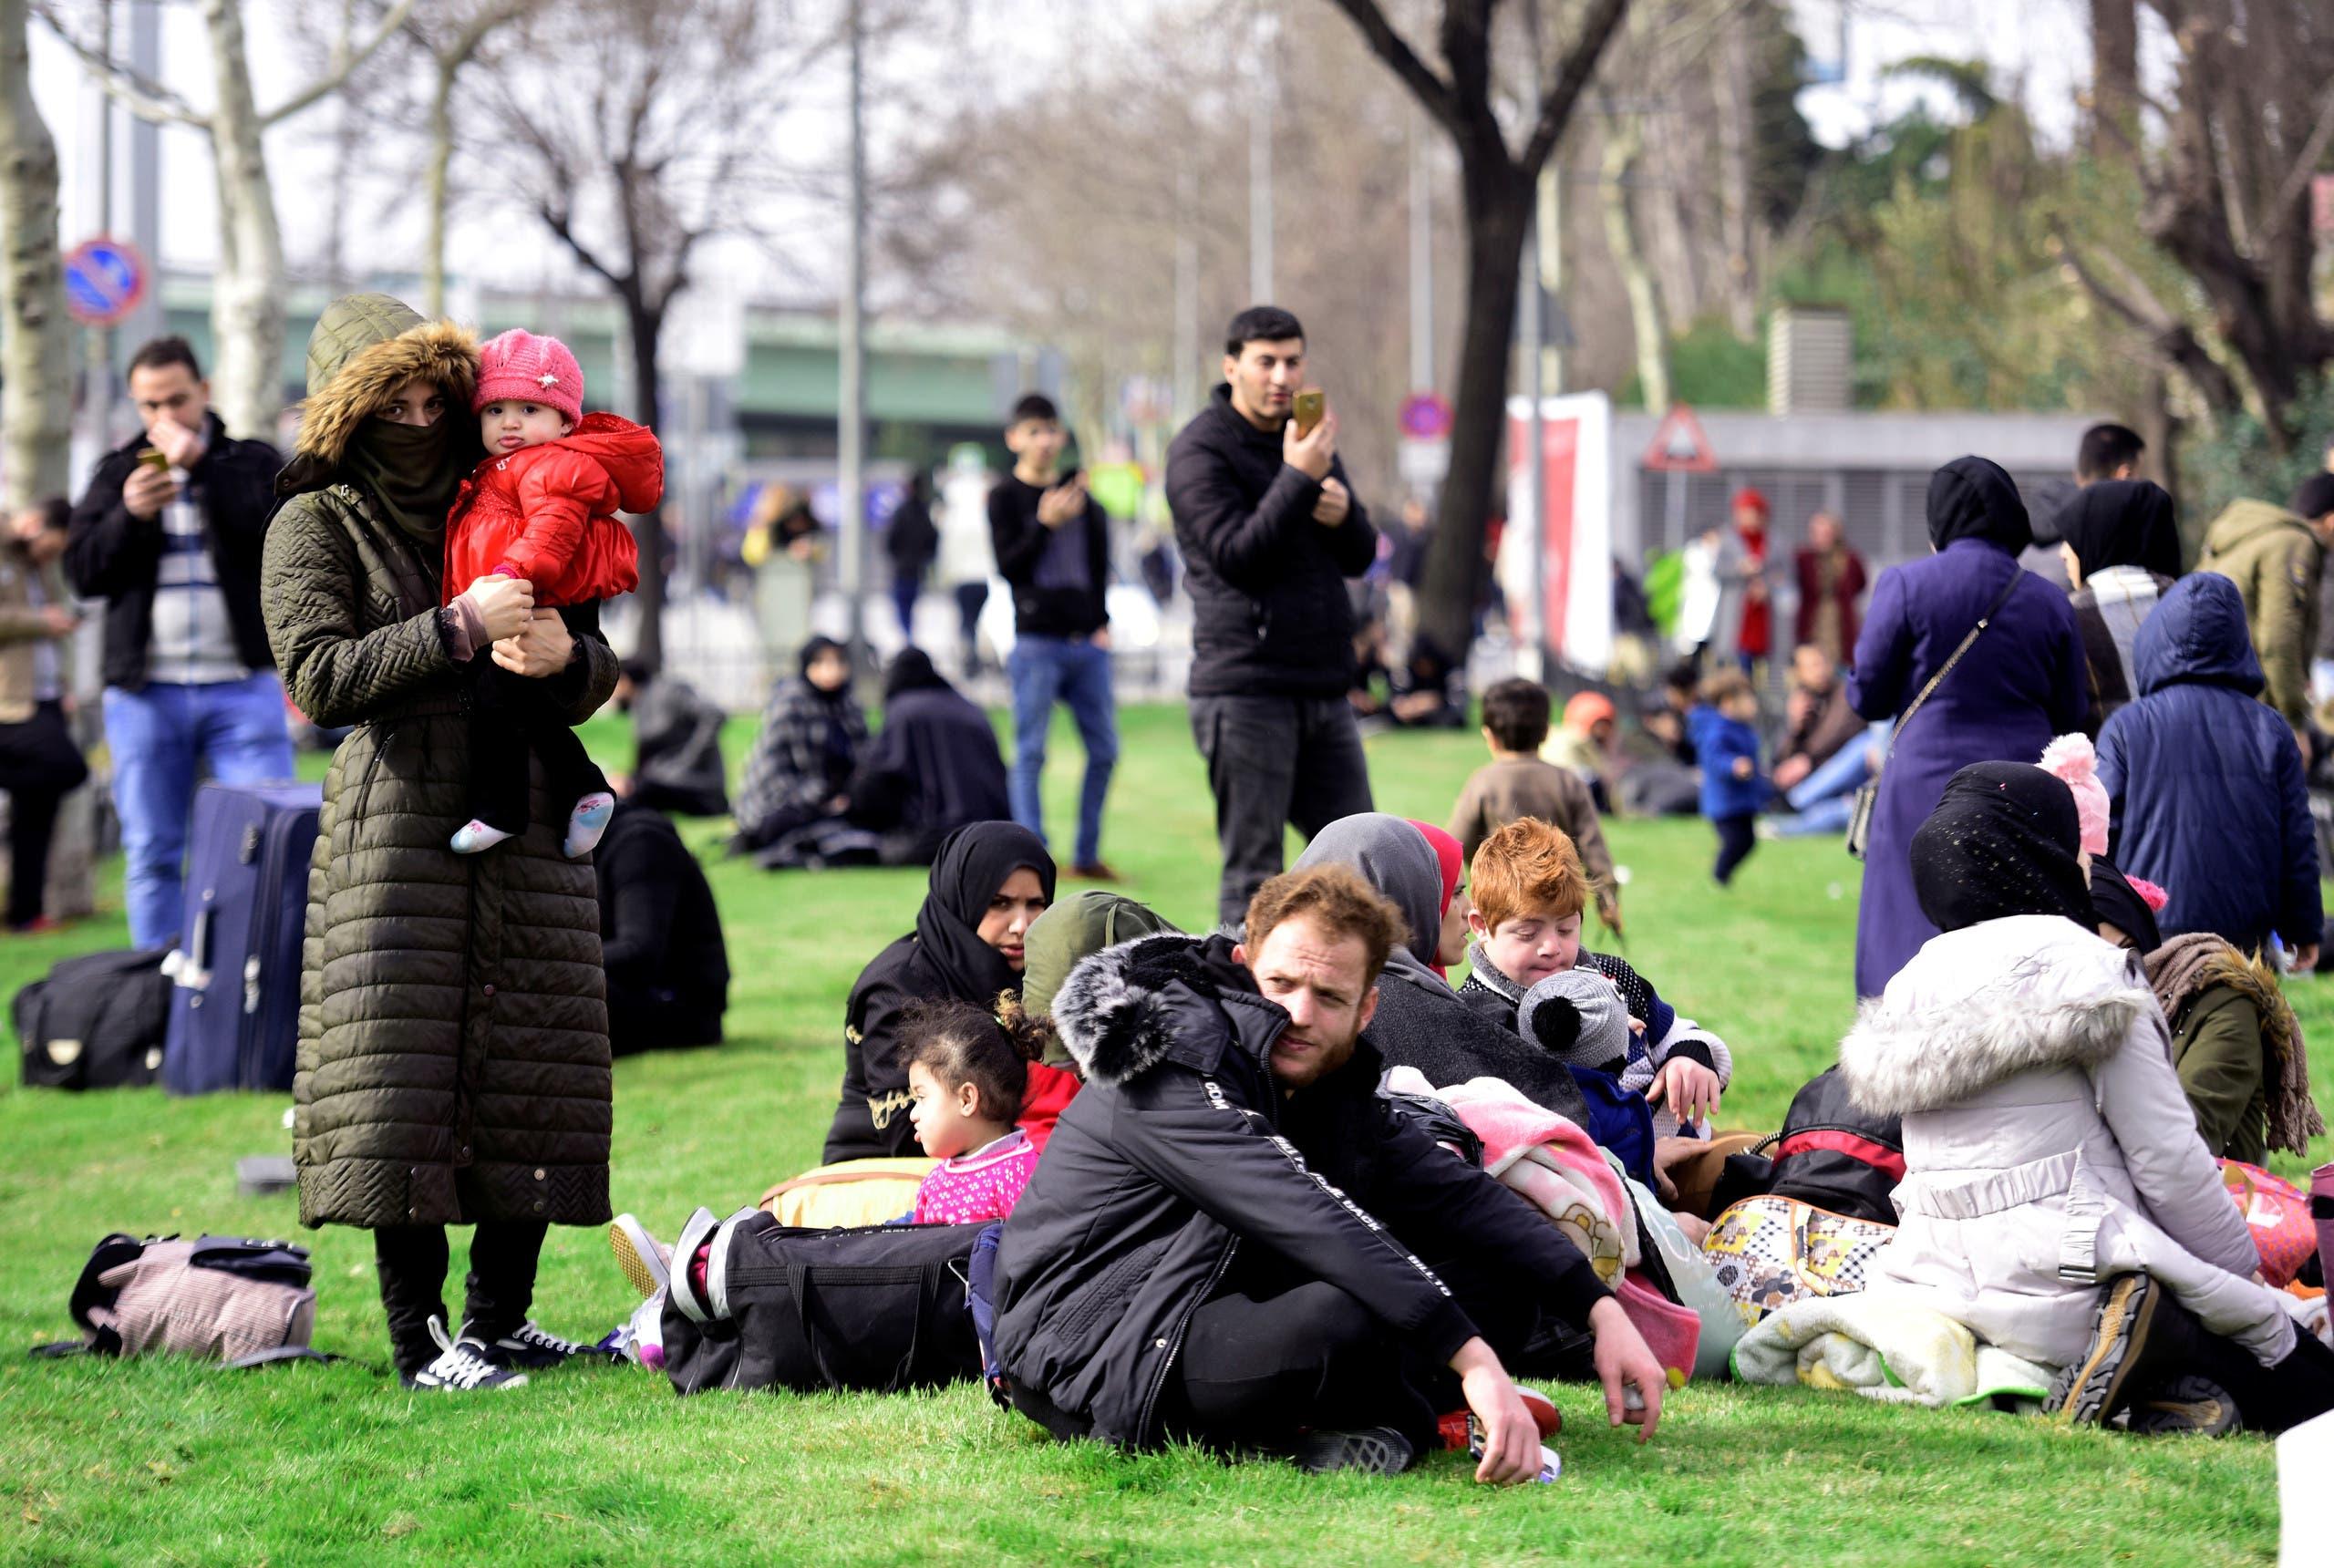 مهاجرون في اسطنبول ينتظرون الباص الذي سيأخذهم إلى الحدود التريكية اليوناينة